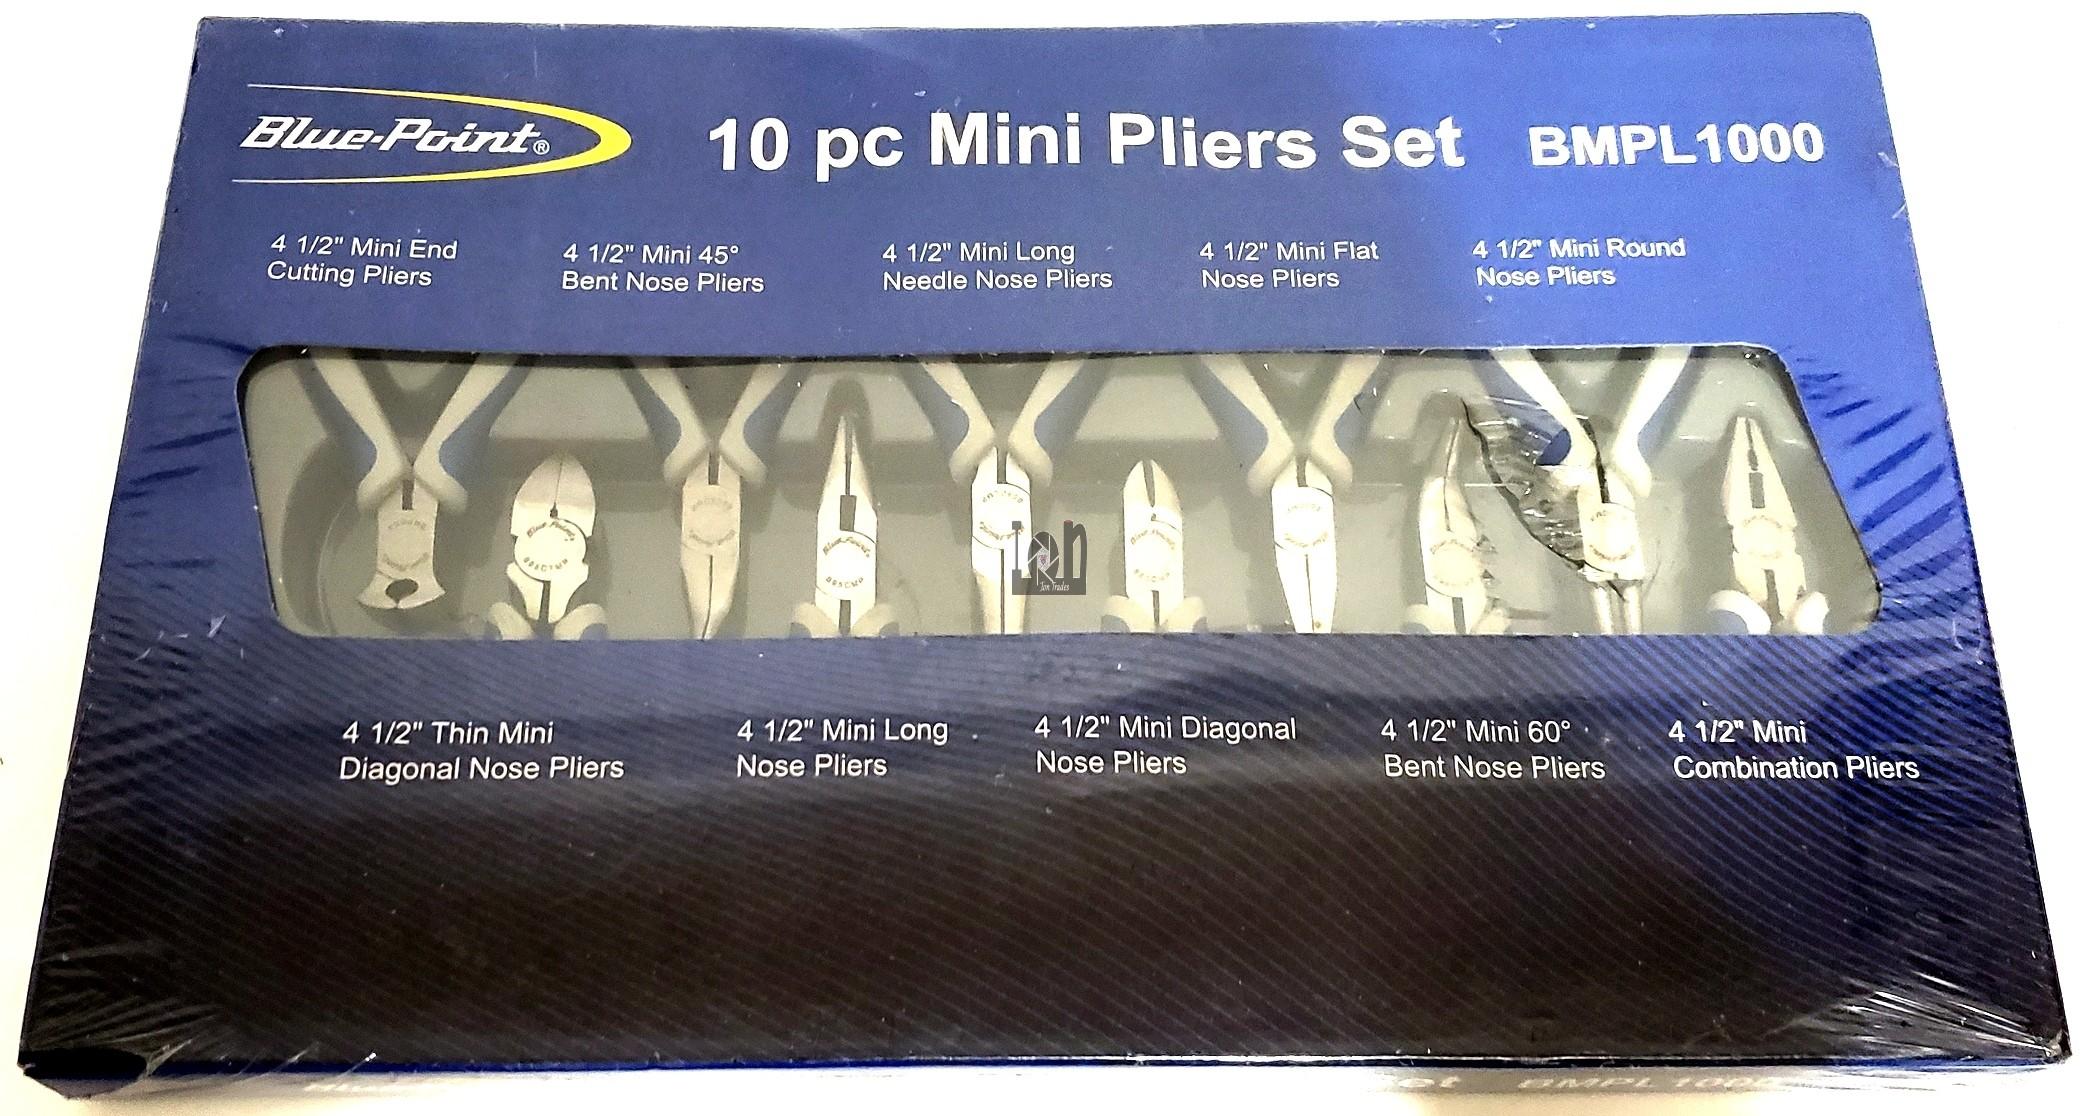 Blue-Point 10pc Mini Pliers & Cutters Set with Vinyl Grip BMPL1000